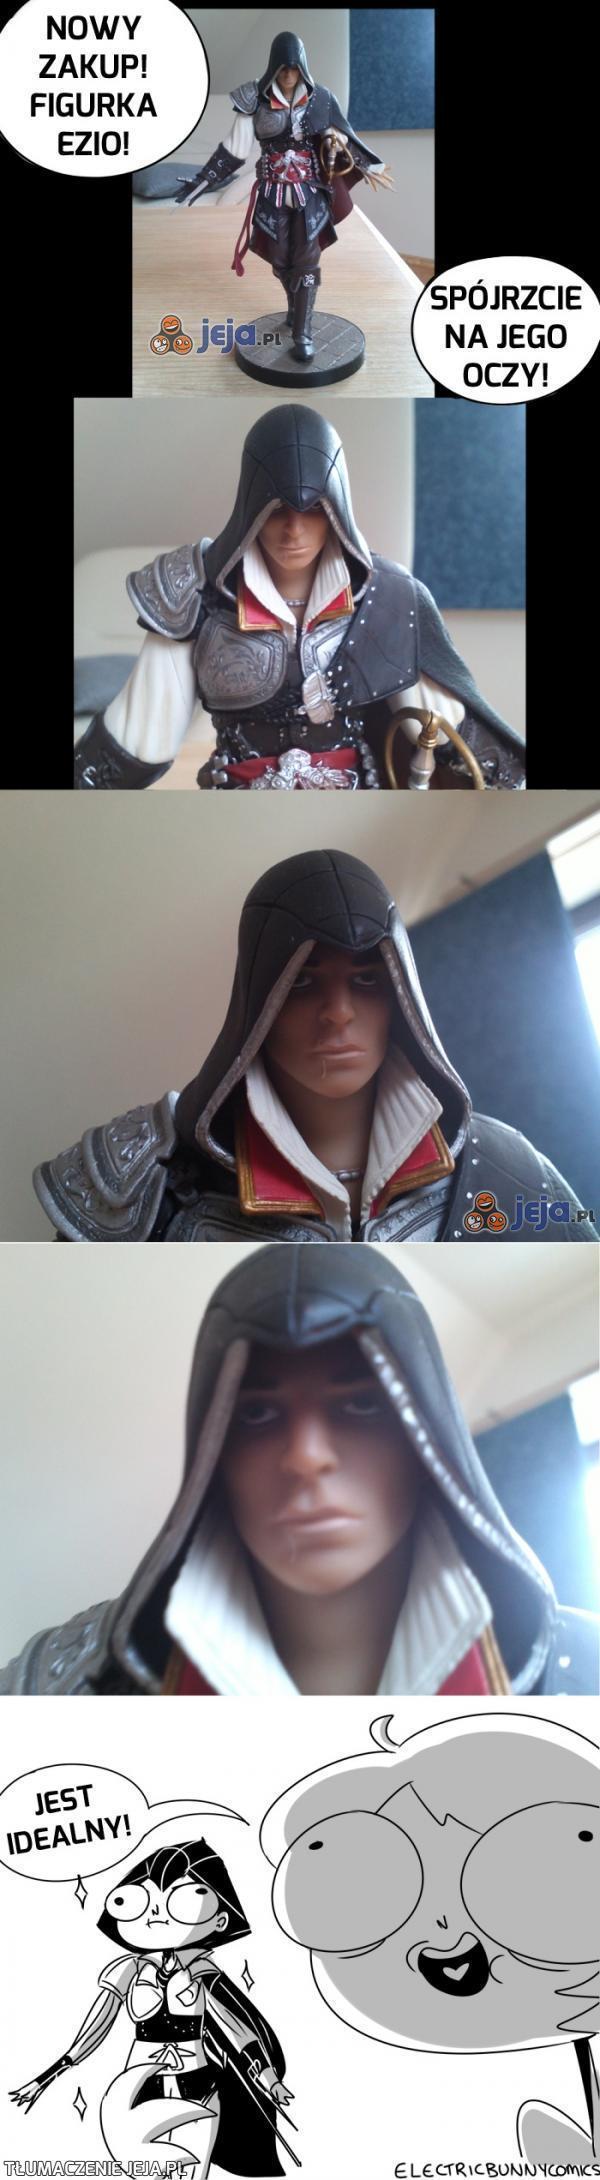 Ezio jest idealny!